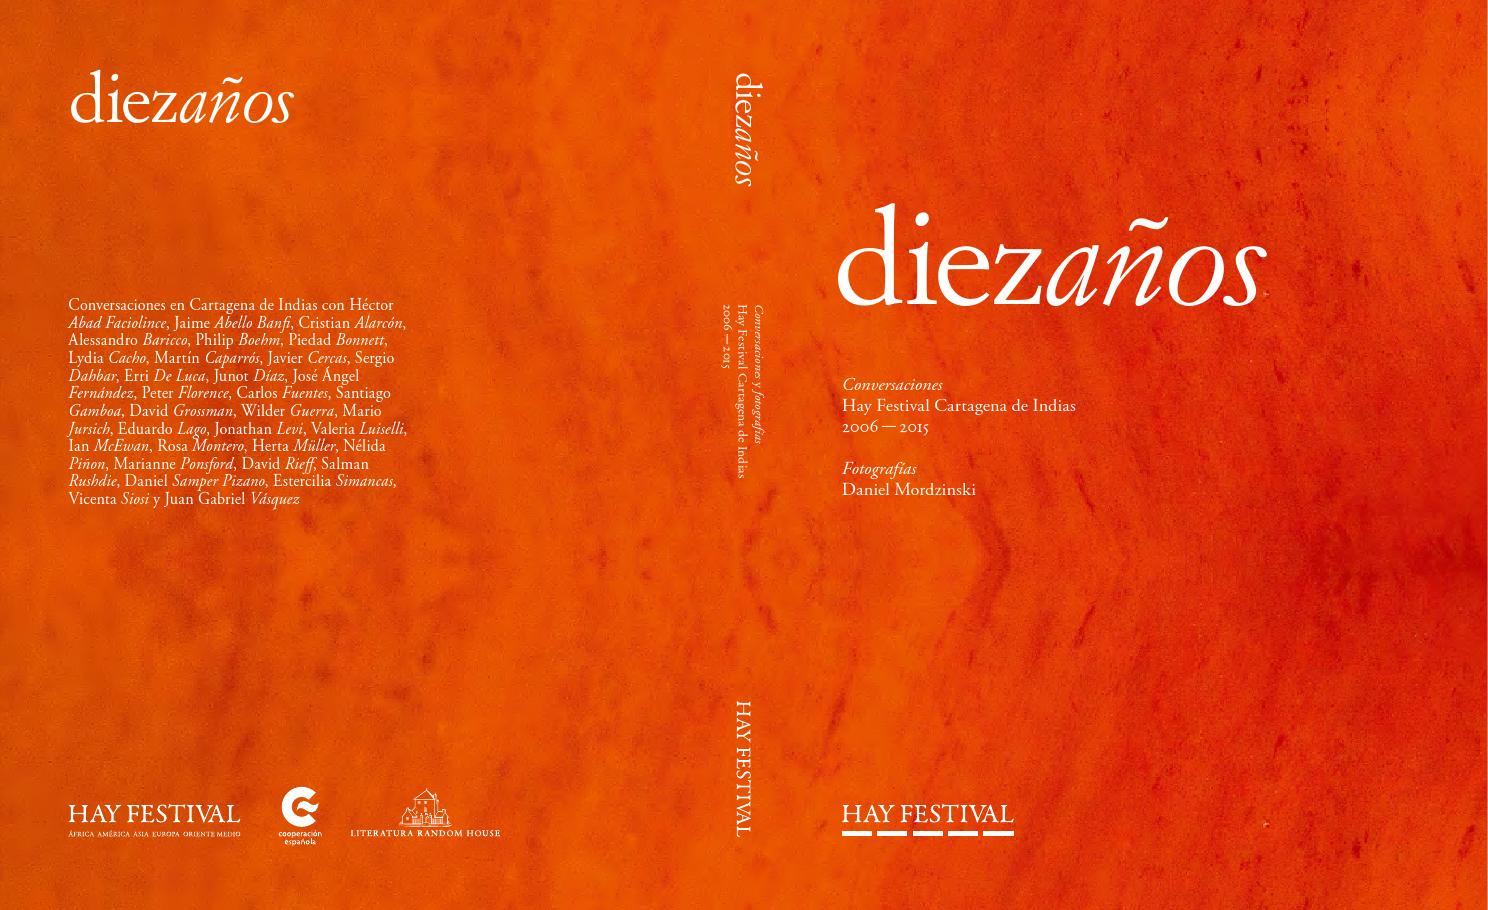 Diezaños. 2006-2015 HAY Festival Cartagena de Indias by AECID PUBLICACIONES  - issuu 1f1616082c2